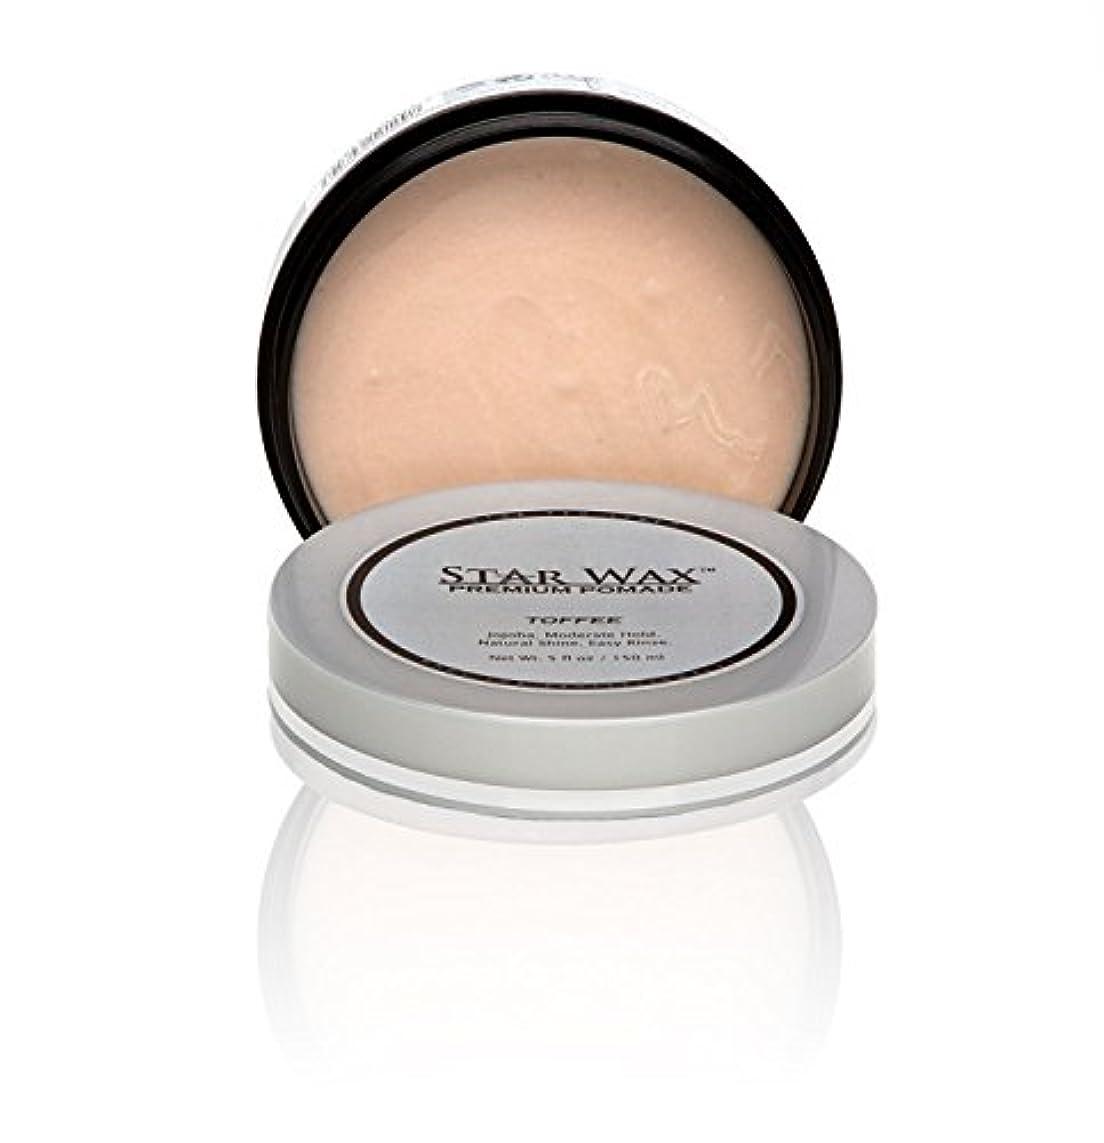 ミュウミュウかもしれない北米Star Wax | Premium Pomade, Toffee(スターワックスプレミアム ポマード「タフィー」)?Star Pro Line(スタープロライン) 製?5(液量) オンス/150ml